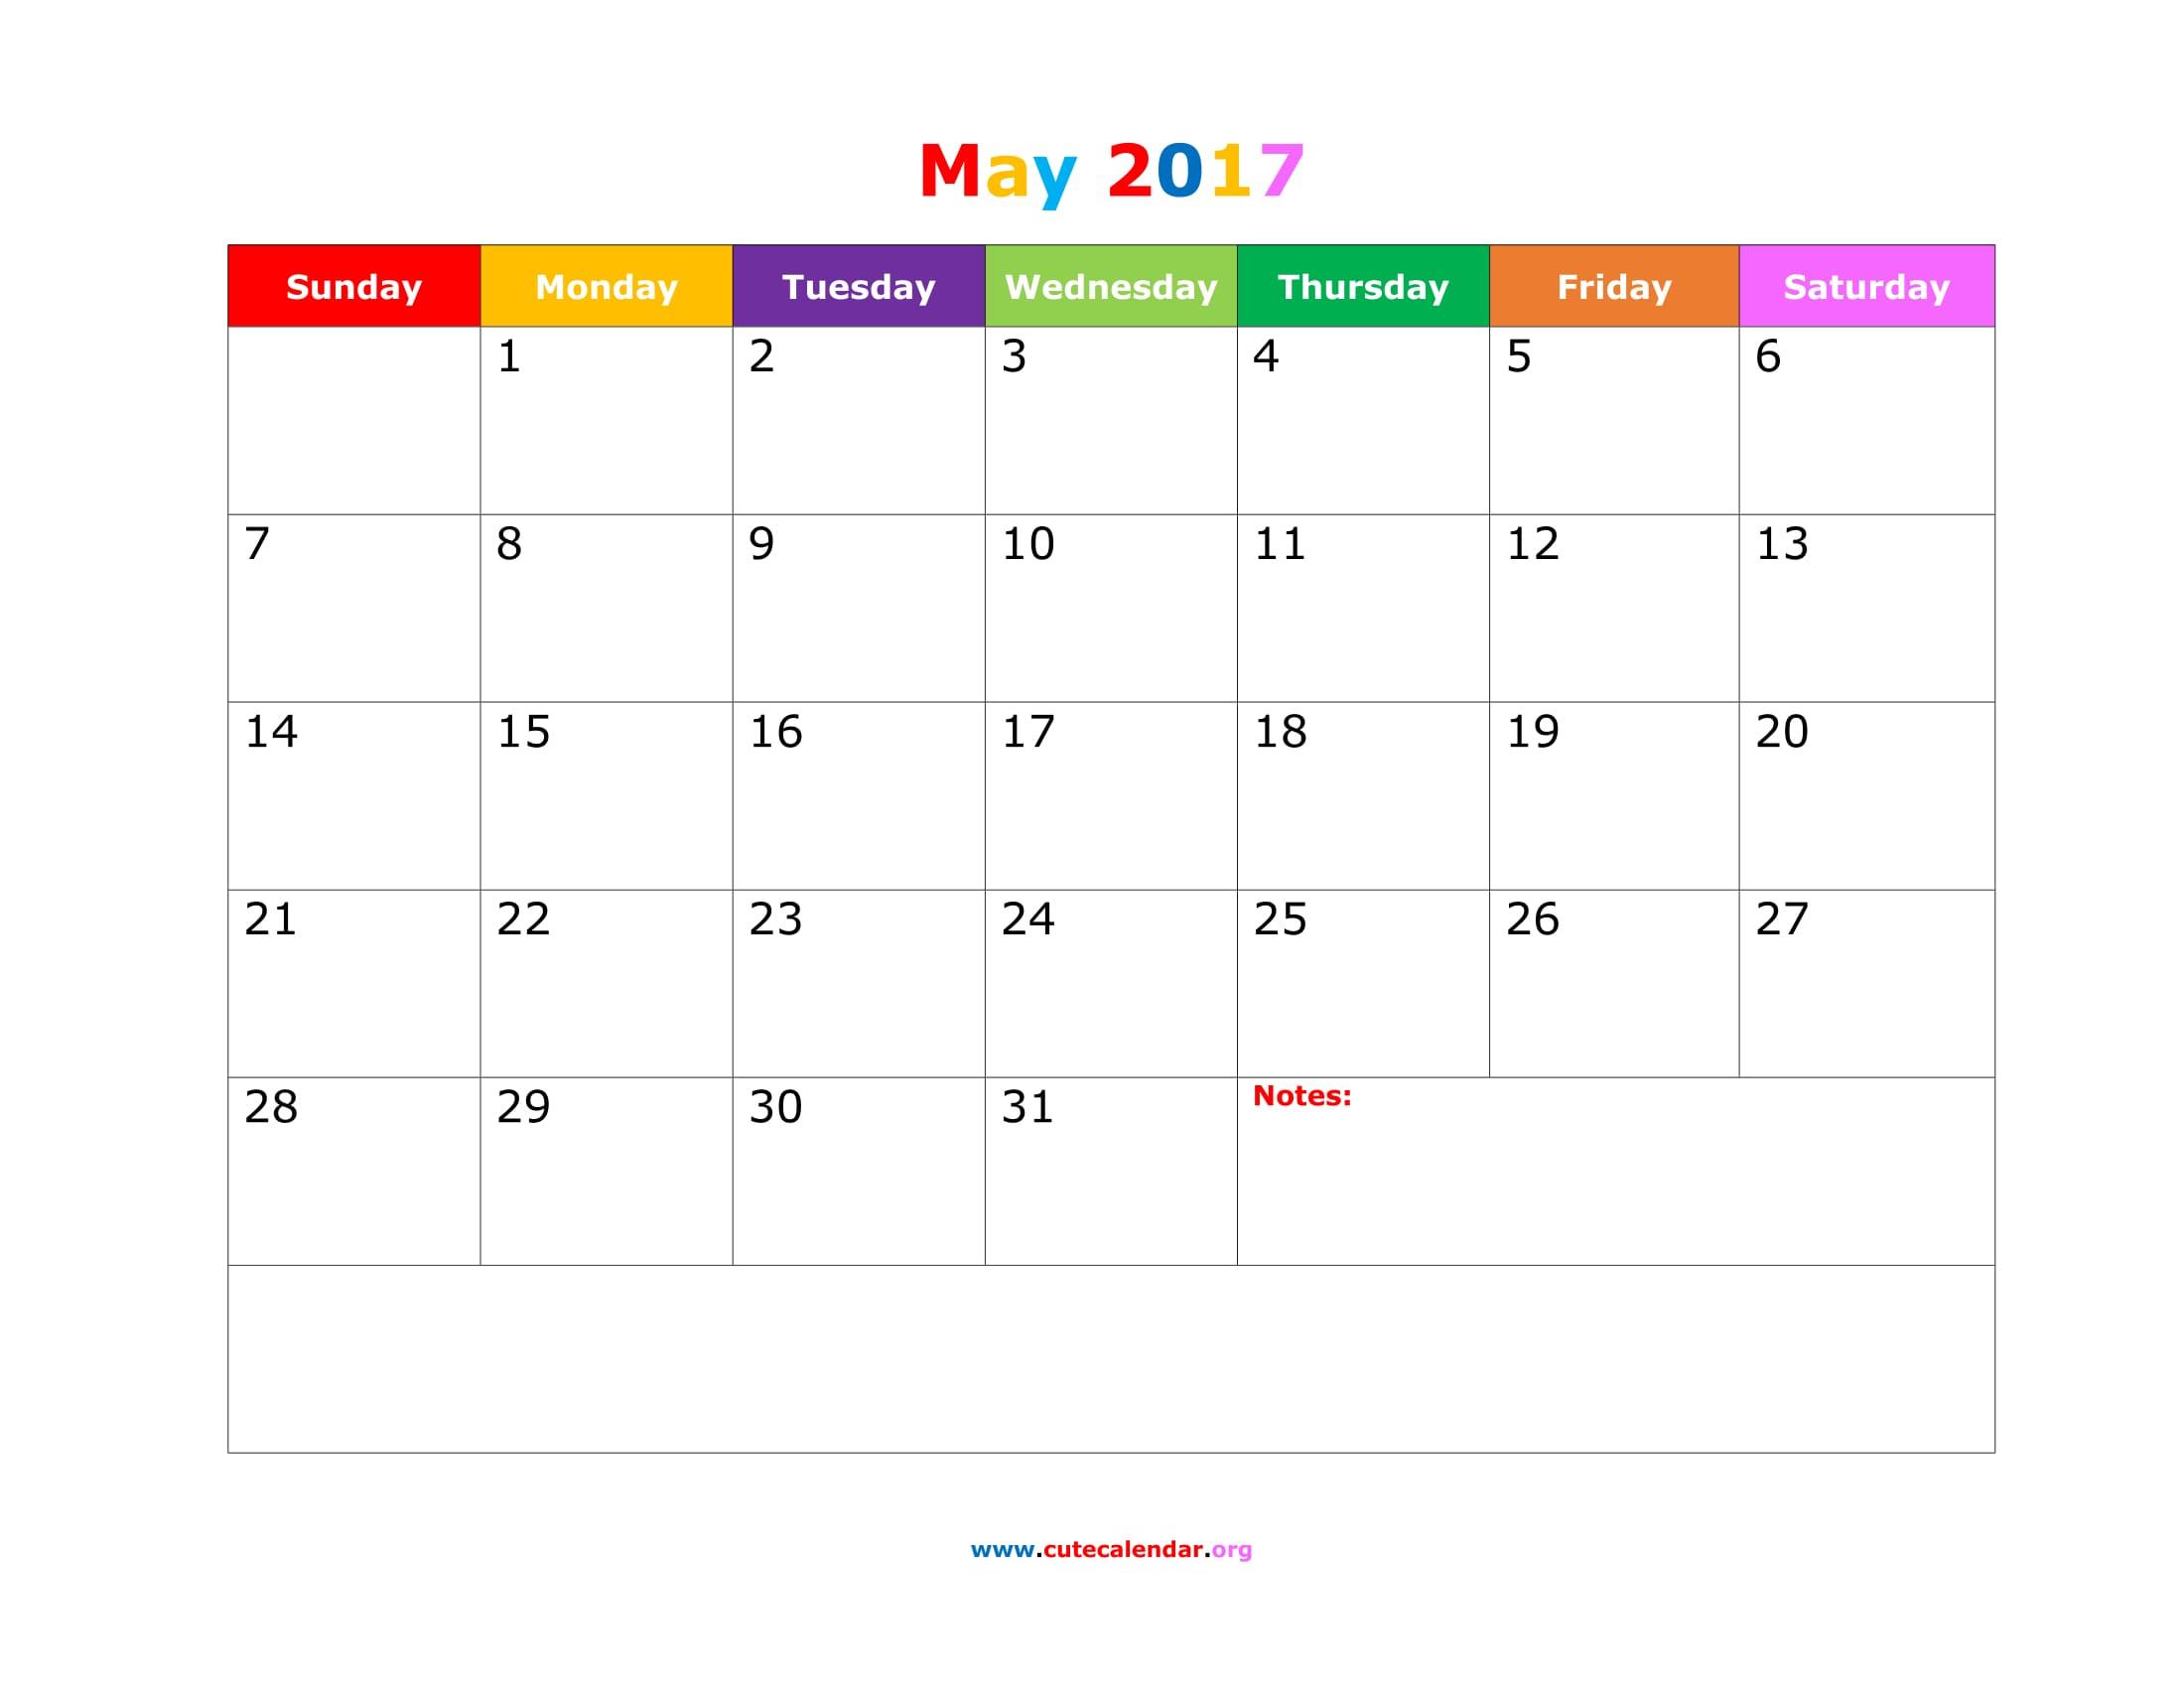 May 2017 Calendar Cute | free calendar 2017